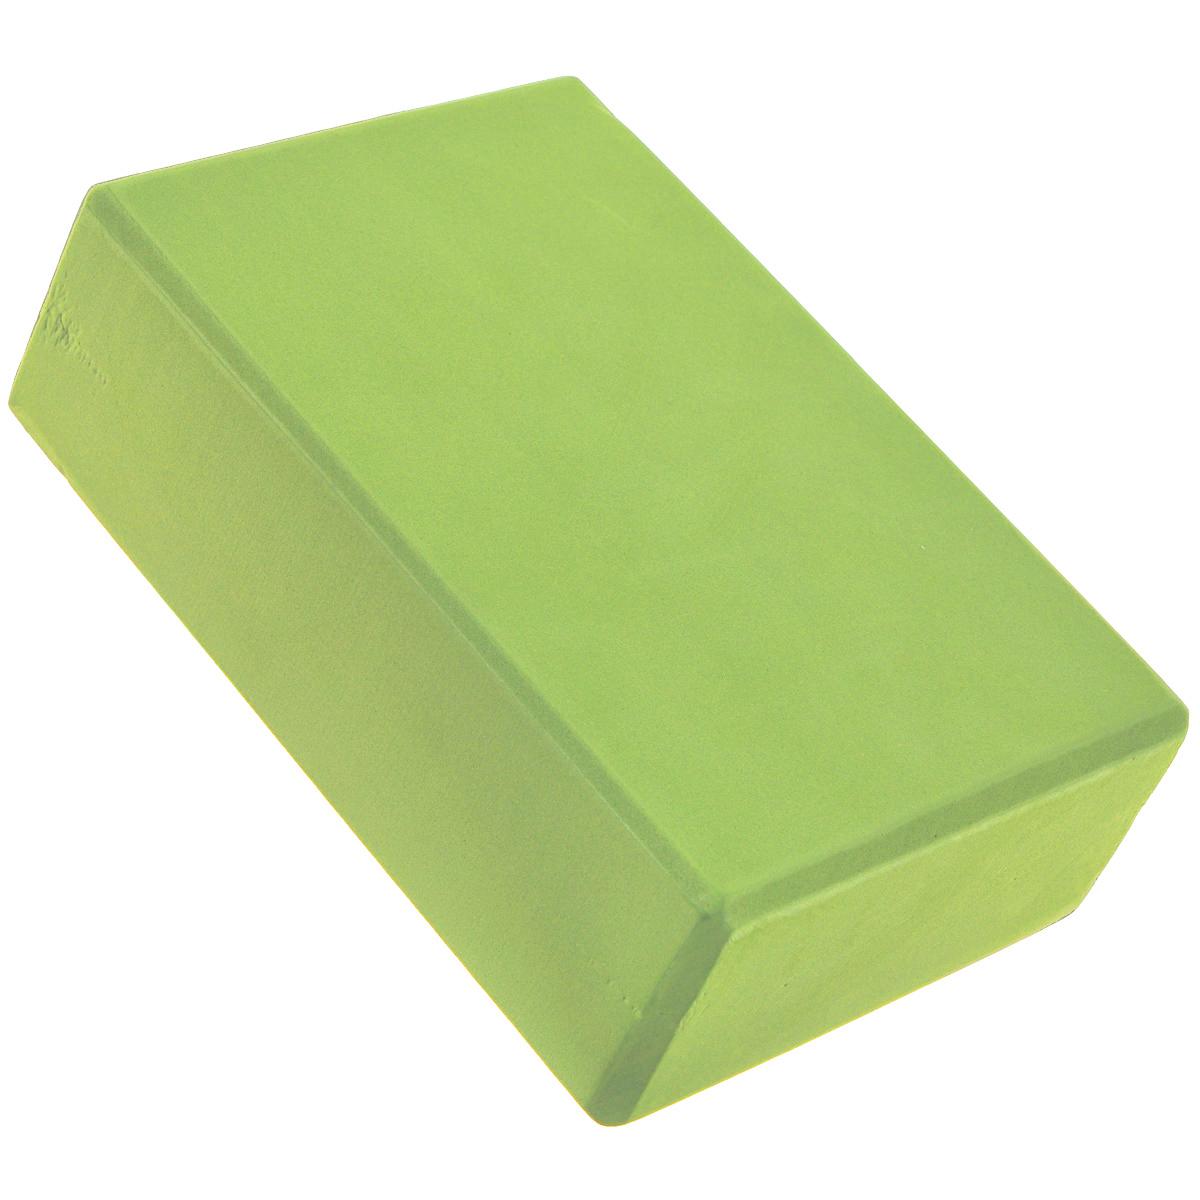 Блок для йоги Ecowellness, цвет: салатовыйQB-022GNБлок для йоги Ecowellness, изготовленный из этилвинилацетата, рекомендуется как помощник при выполнении более сложных упражнений, требующих максимальной гибкости и сноровки. При использовании блока быстрее, постепенно и безболезненно достигается гибкость. Укрепляются и разрабатываются мышцы запястья. Материал: этилвинилацетат.